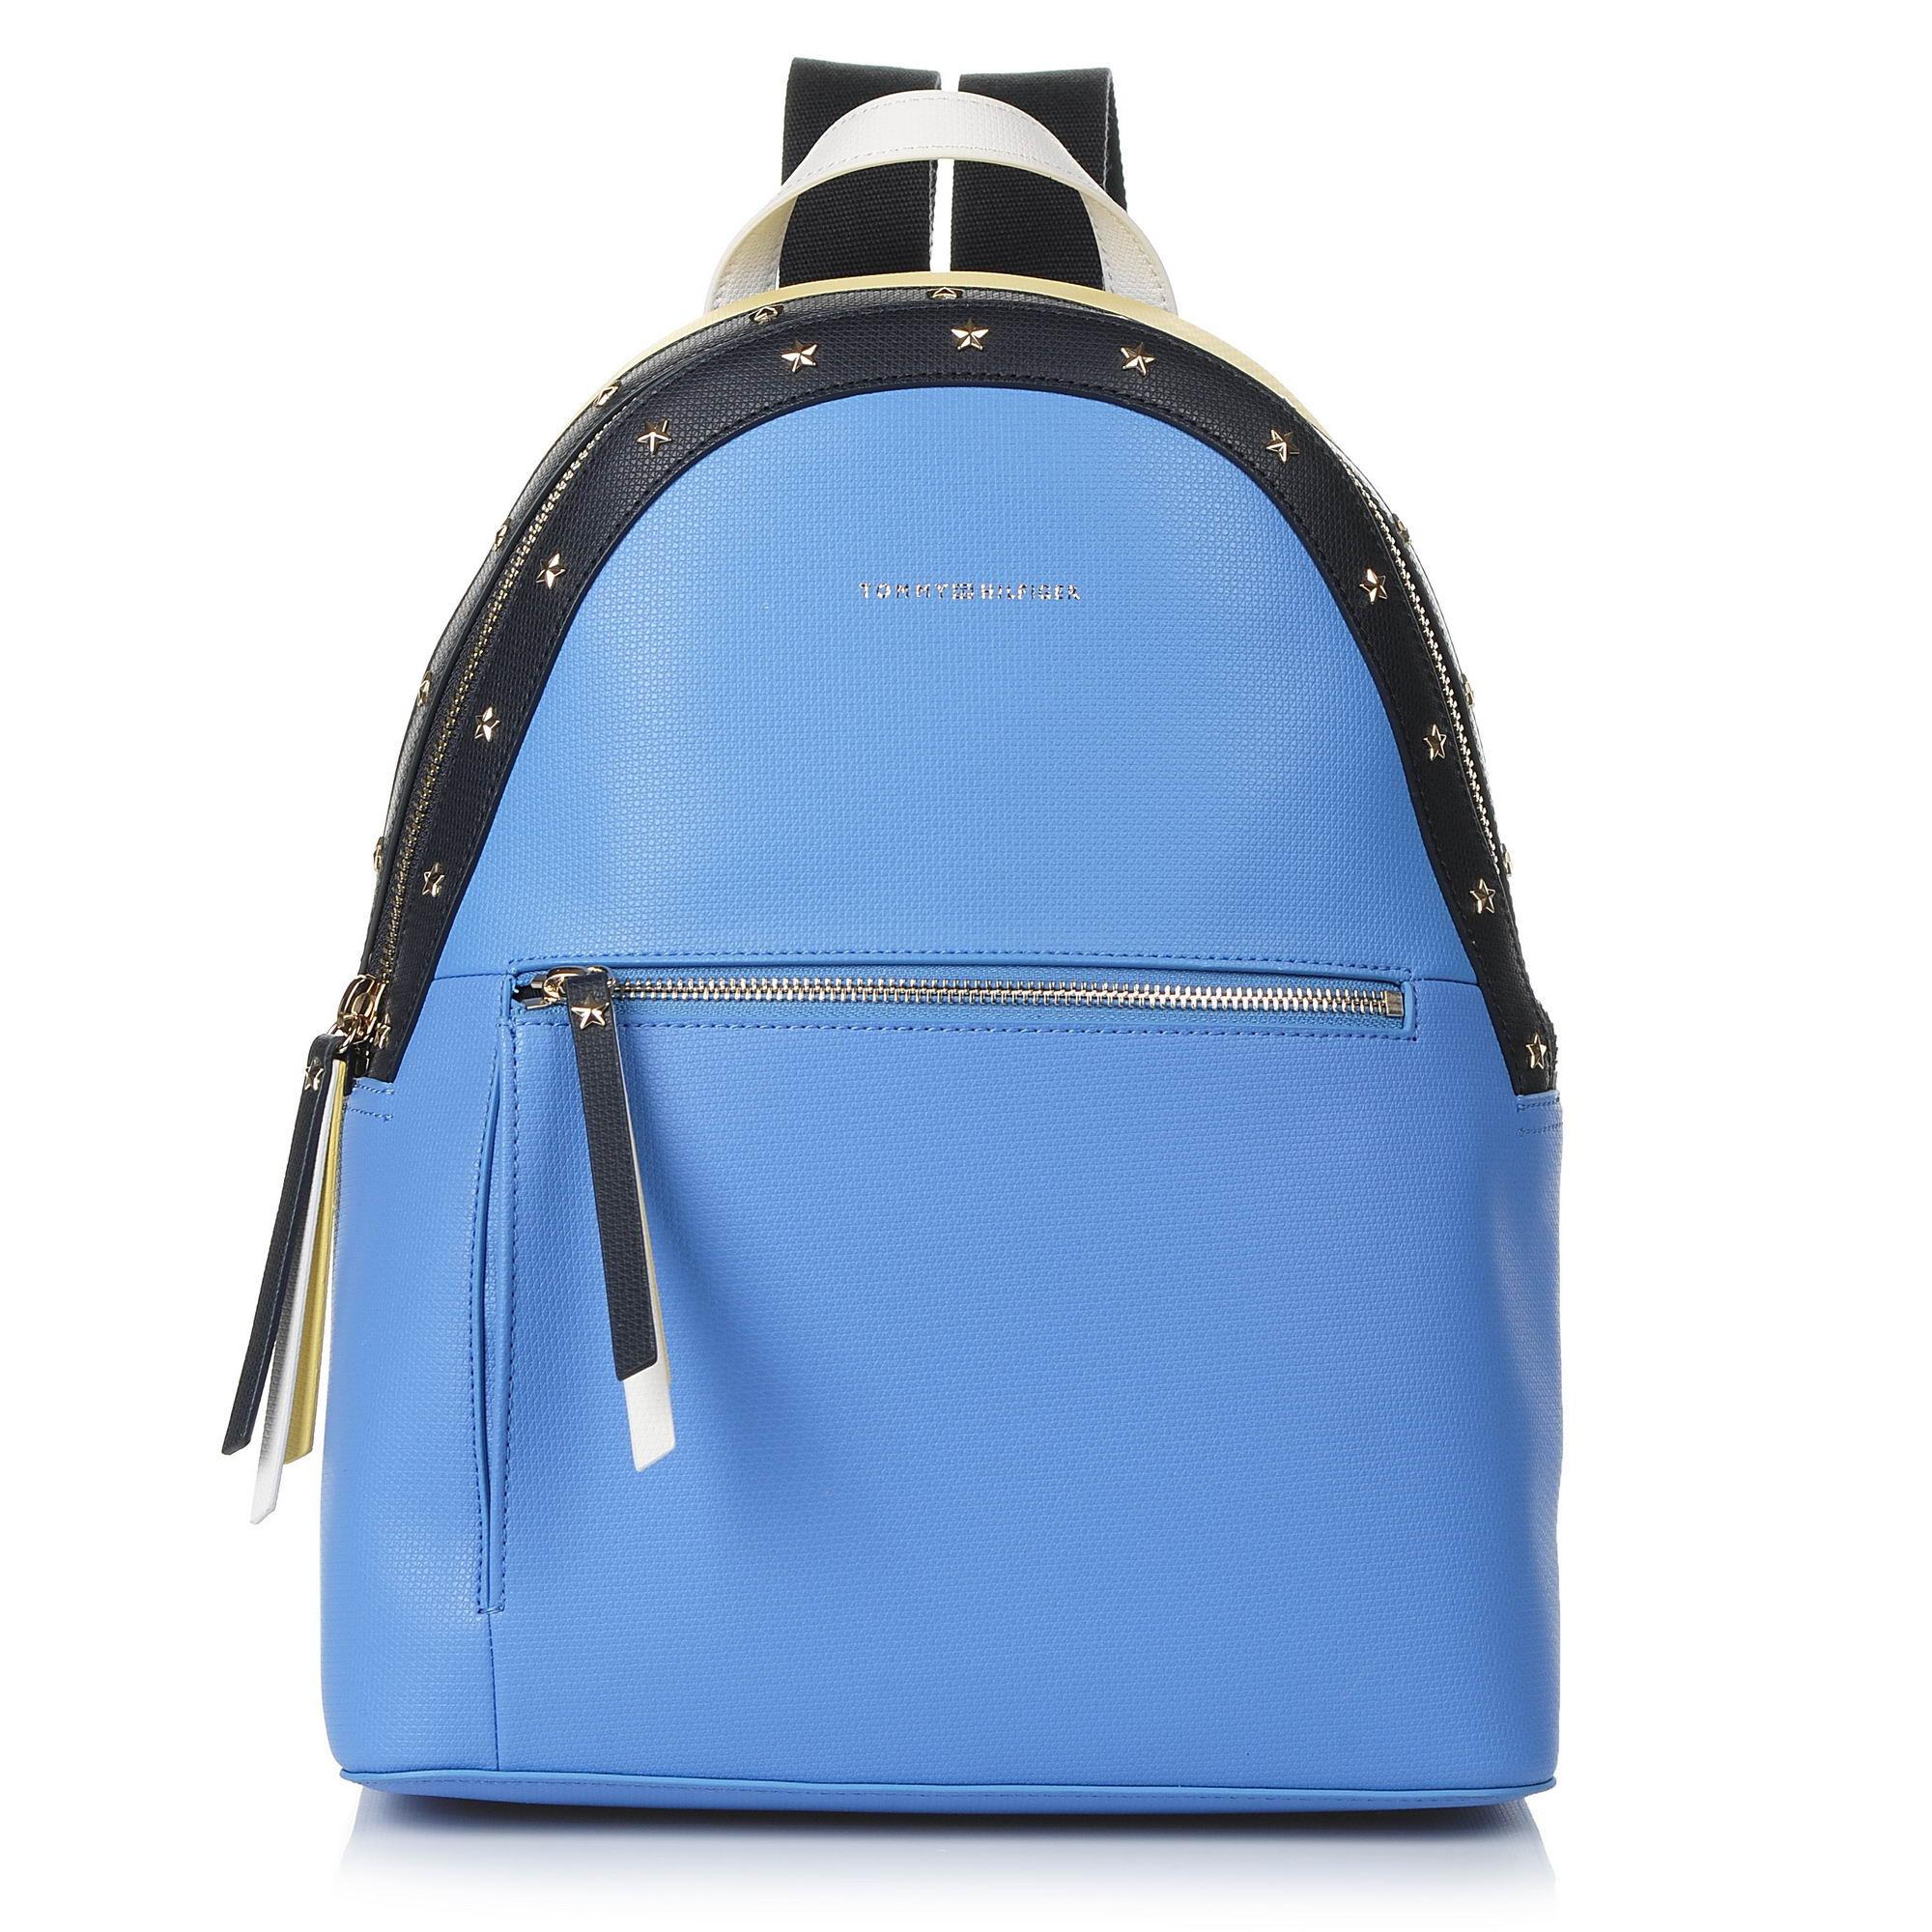 Σακίδιο Πλάτης Tommy Hilfiger Backpack Icon AW0AW05280